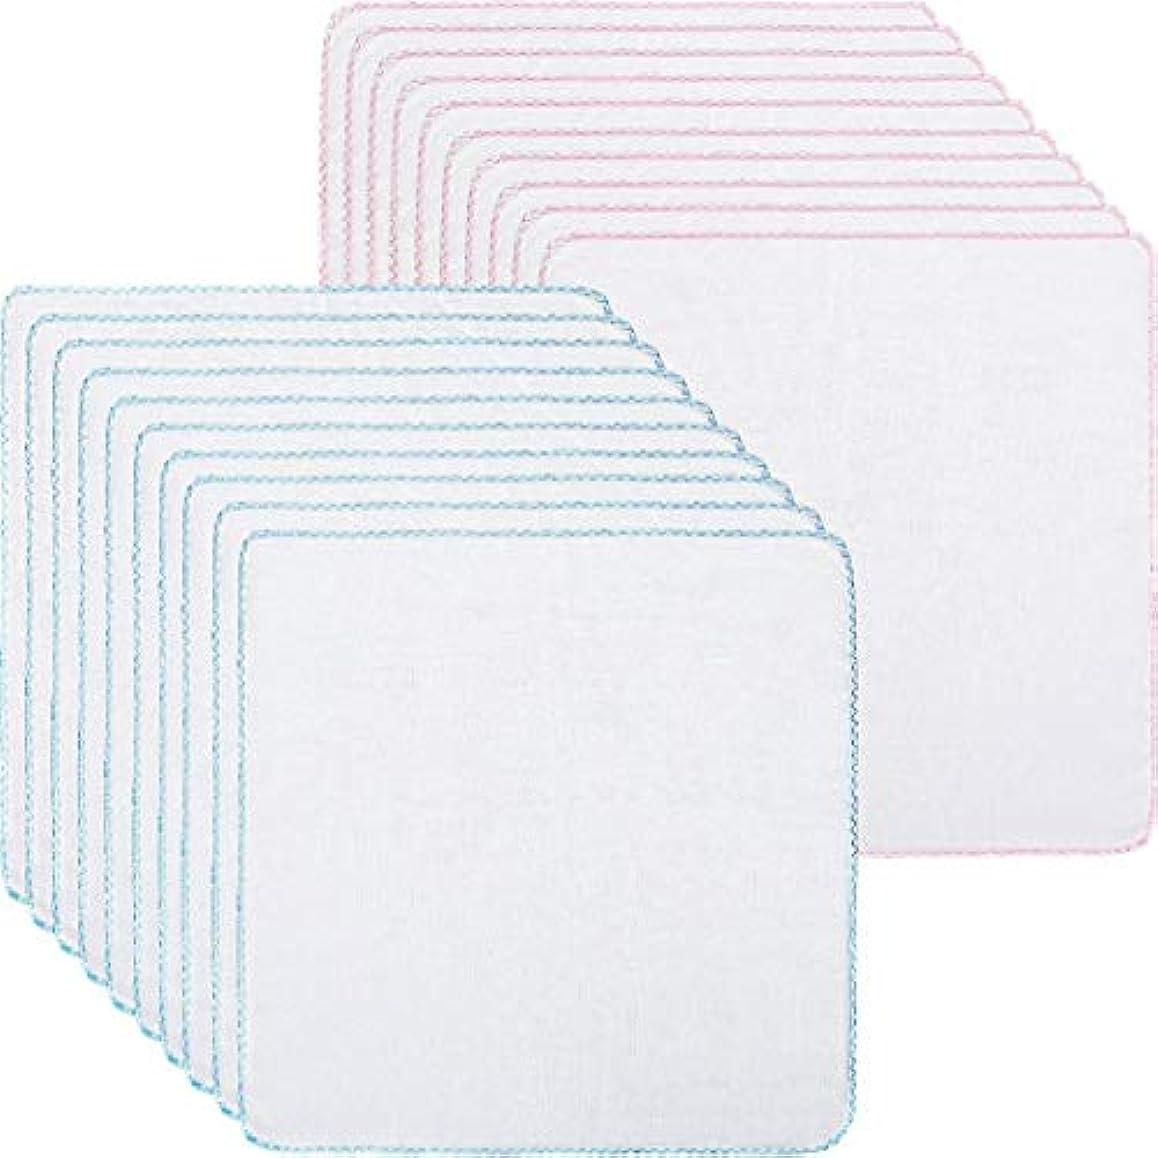 最少開梱有害Quzama-JS 実用的な20ピースピュアコットンフェイシャルクレンジングmuslinクロスソフトフェイシャルクレンジングメイクリムーバー布、青とピンク